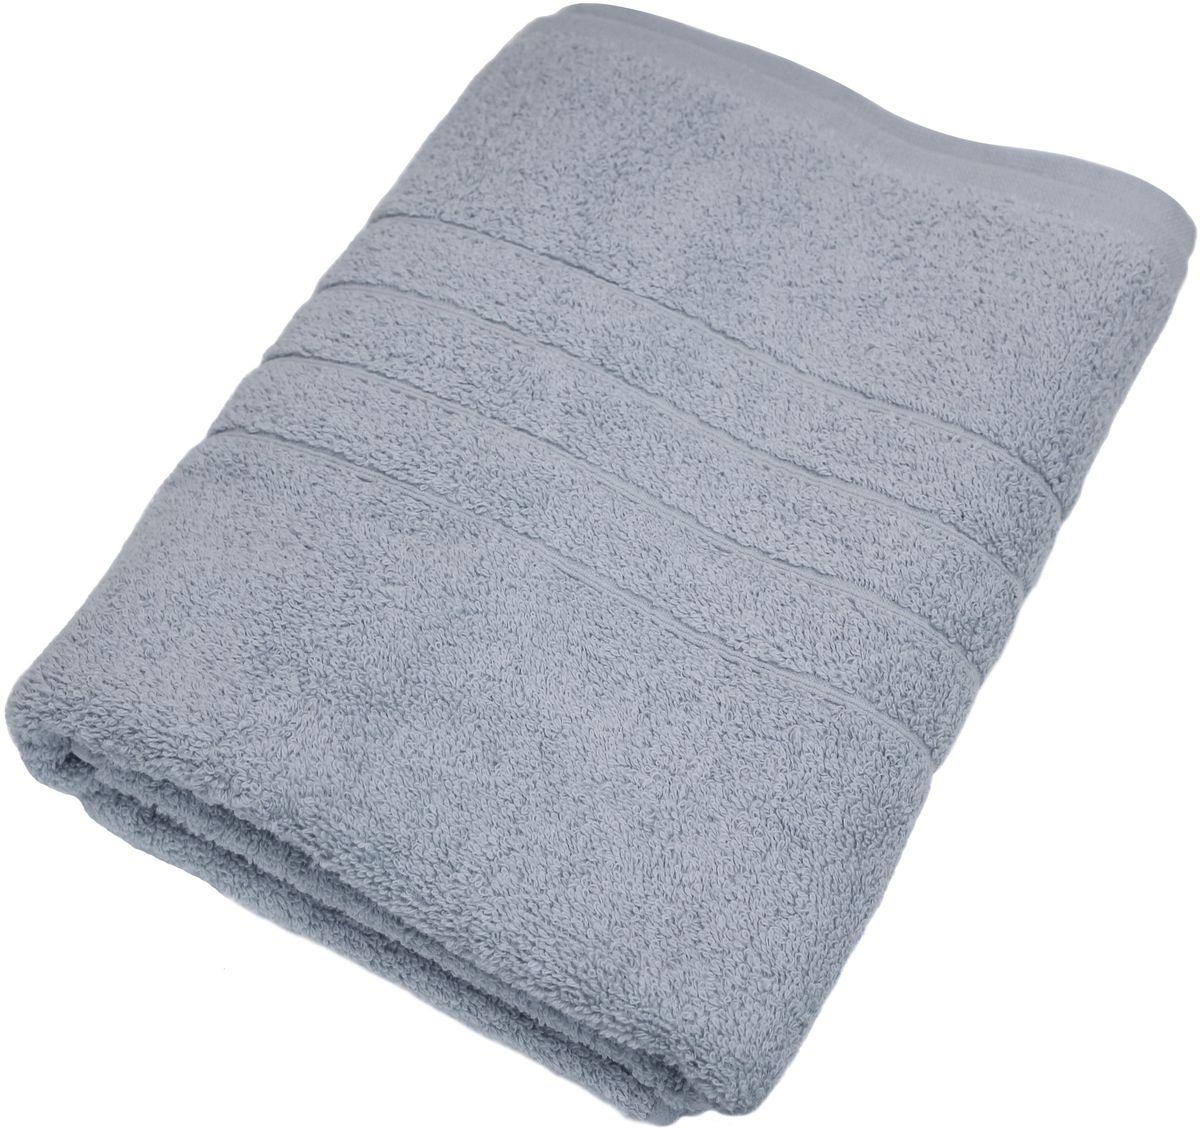 Полотенце Proffi Home Модерн, цвет: серый, 70 x 140 смPH3273Мягкое махровое полотенцеProffi Home Модерн отлично впитывает влагу и быстро сохнет, приятно в него завернуться после принятия ванны или посещения сауны. Поэтому данное махровое полотенце можно использовать в качестве душевого, банного или пляжного полотенца.Состав: 100% хлопок.